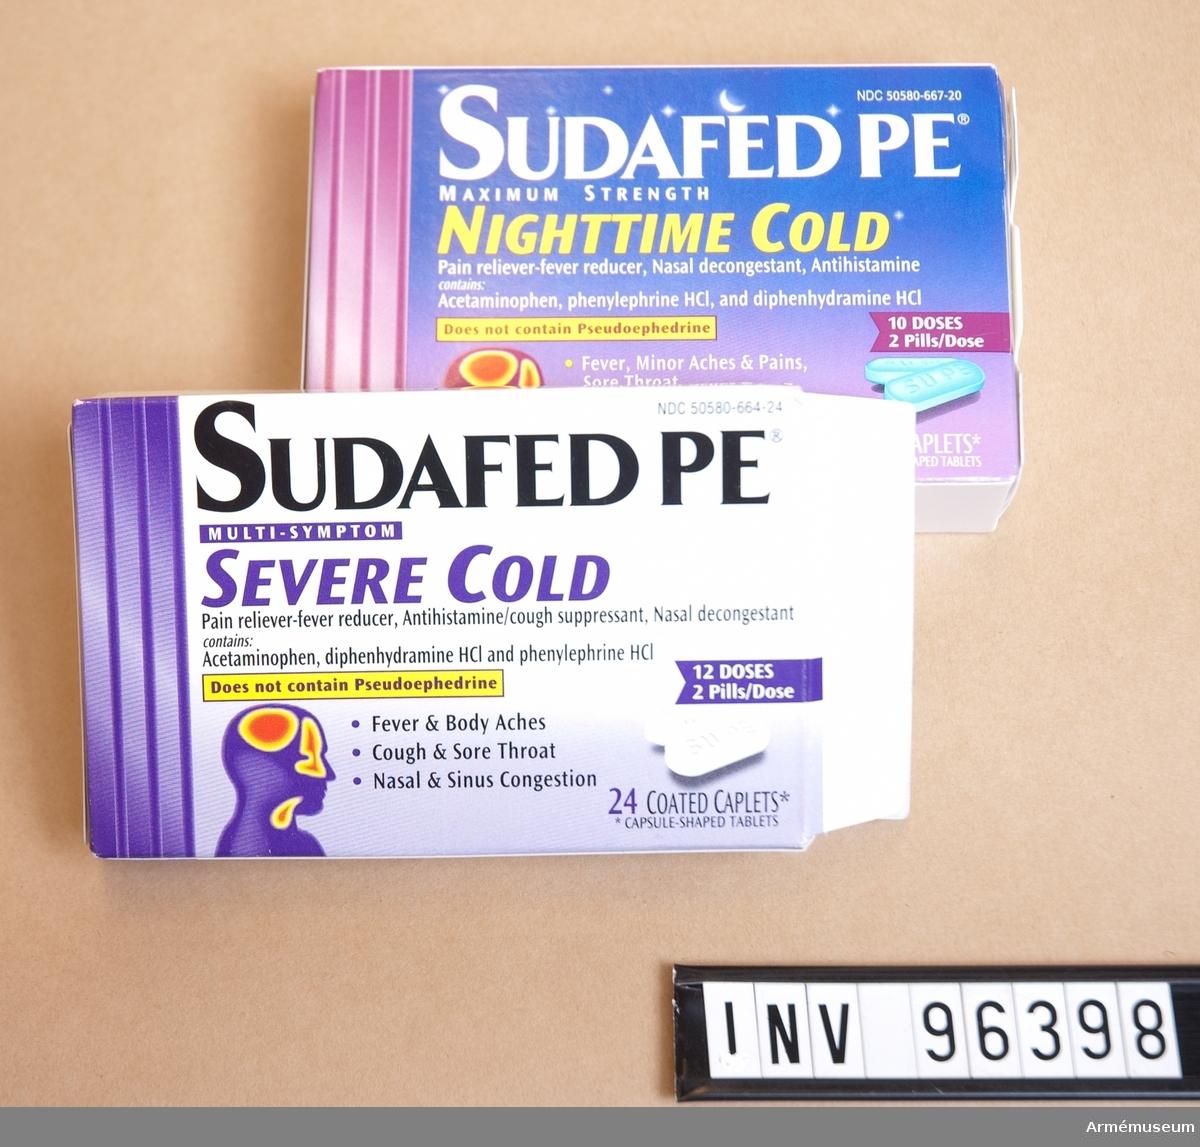 """Två stycken pappersaskar med tabletter av märket """"SUDAFED PE"""". """"Night time cold"""" (oöppnad) och """"Severe cold"""" (öppnad, 2x10 tabletter kvar)."""